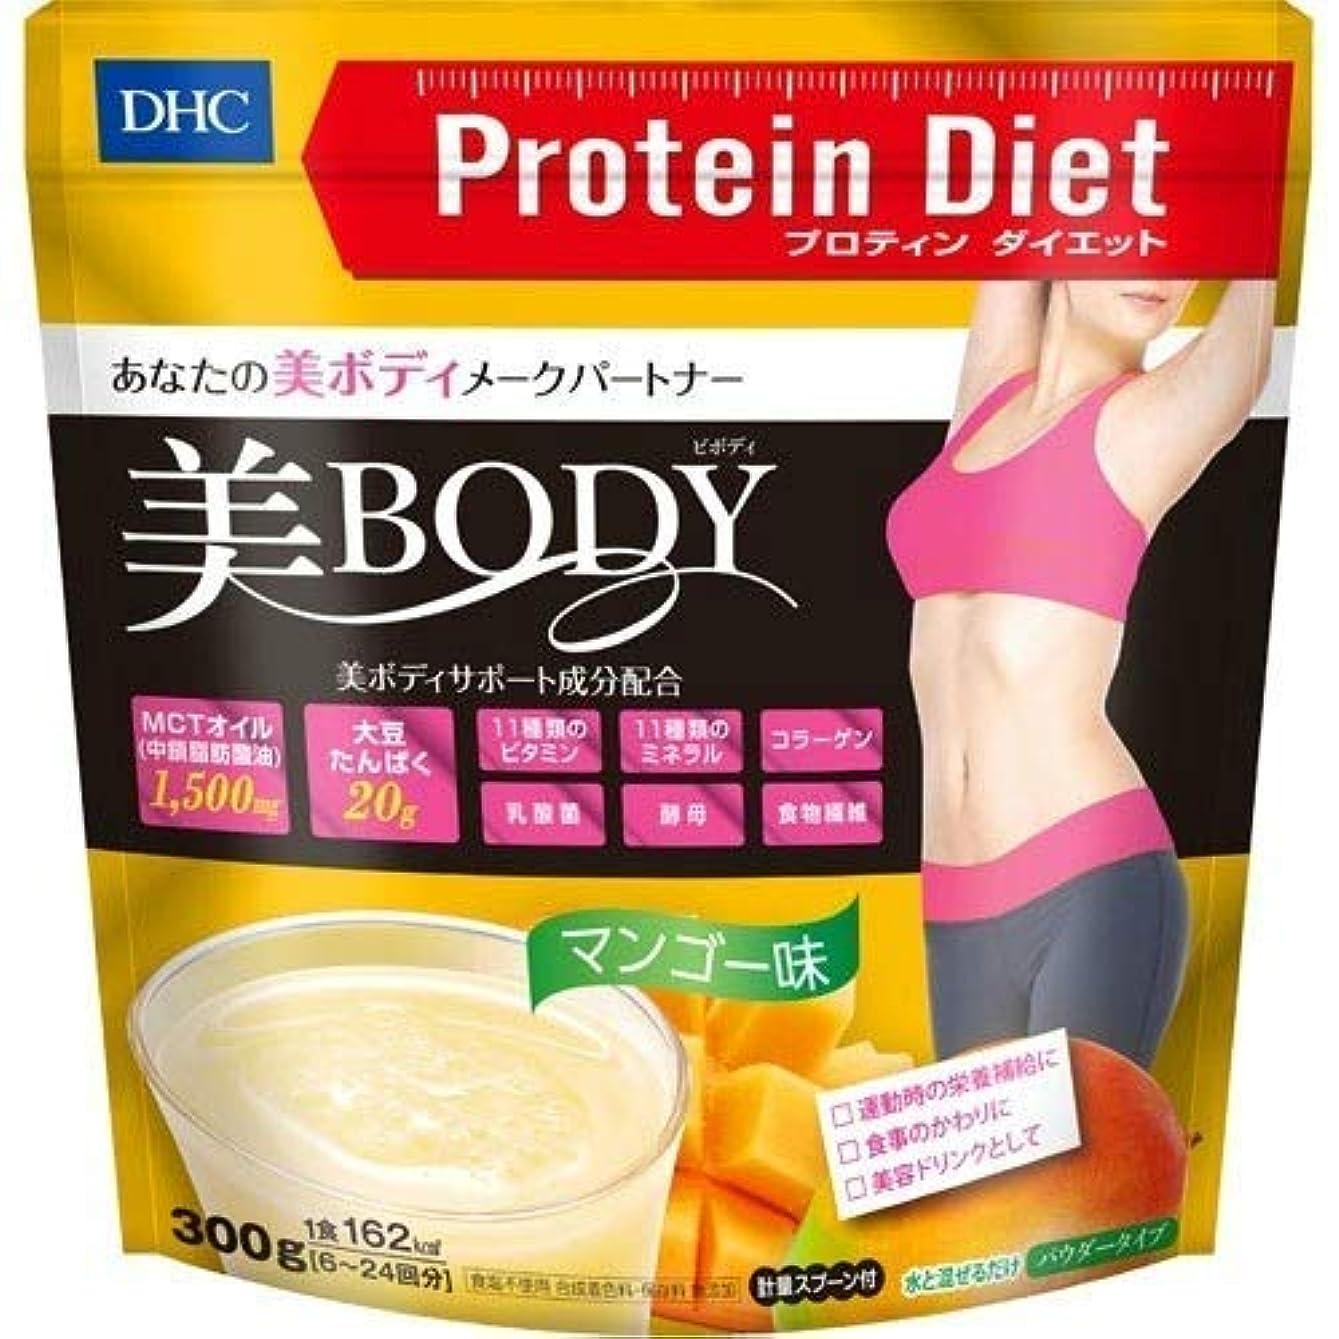 DHC プロテインダイエット 美Body マンゴー味 300g × 5個セット